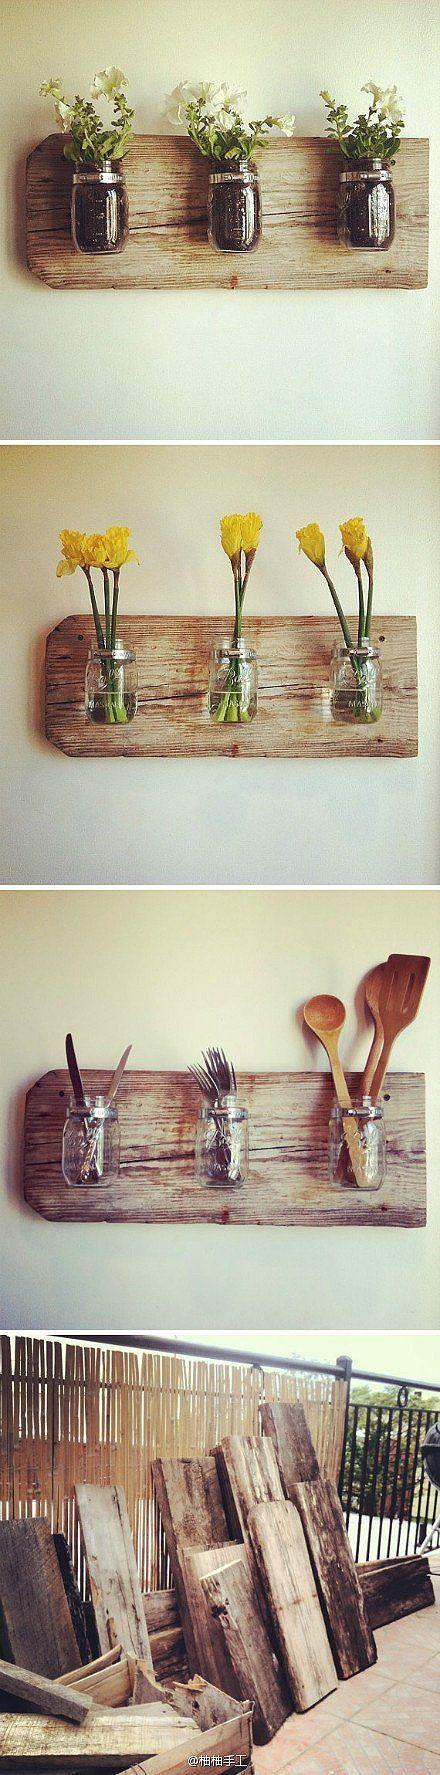 Super leuk idee! Simpel om te maken, en staat super in de keuken of woonkamer